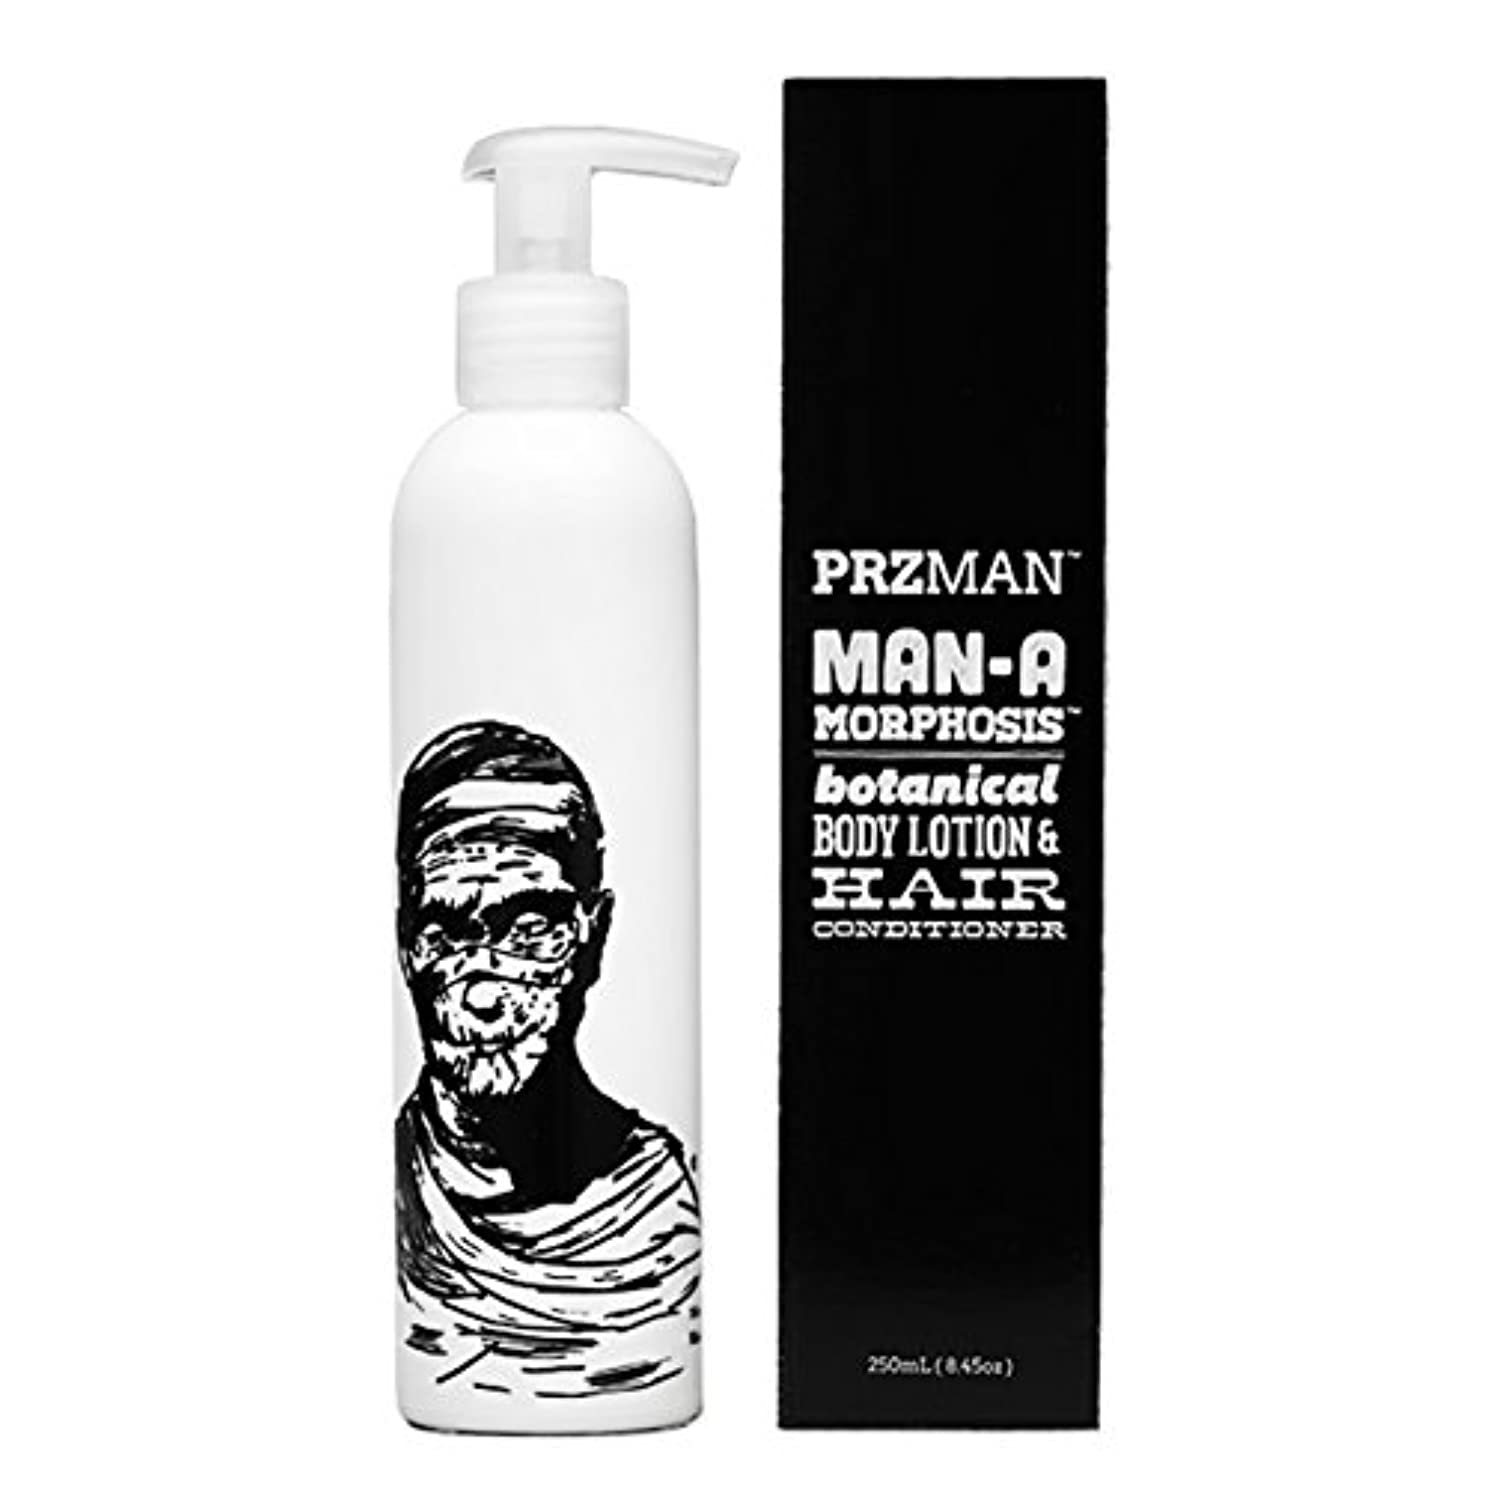 誇張感謝している可能性PRZMAN プラズマン MAN A MORPHOSIS BODY LOTION&HAIR CONDITIONER(ボディローション&ヘアコンディショナー) 250ml 72113001